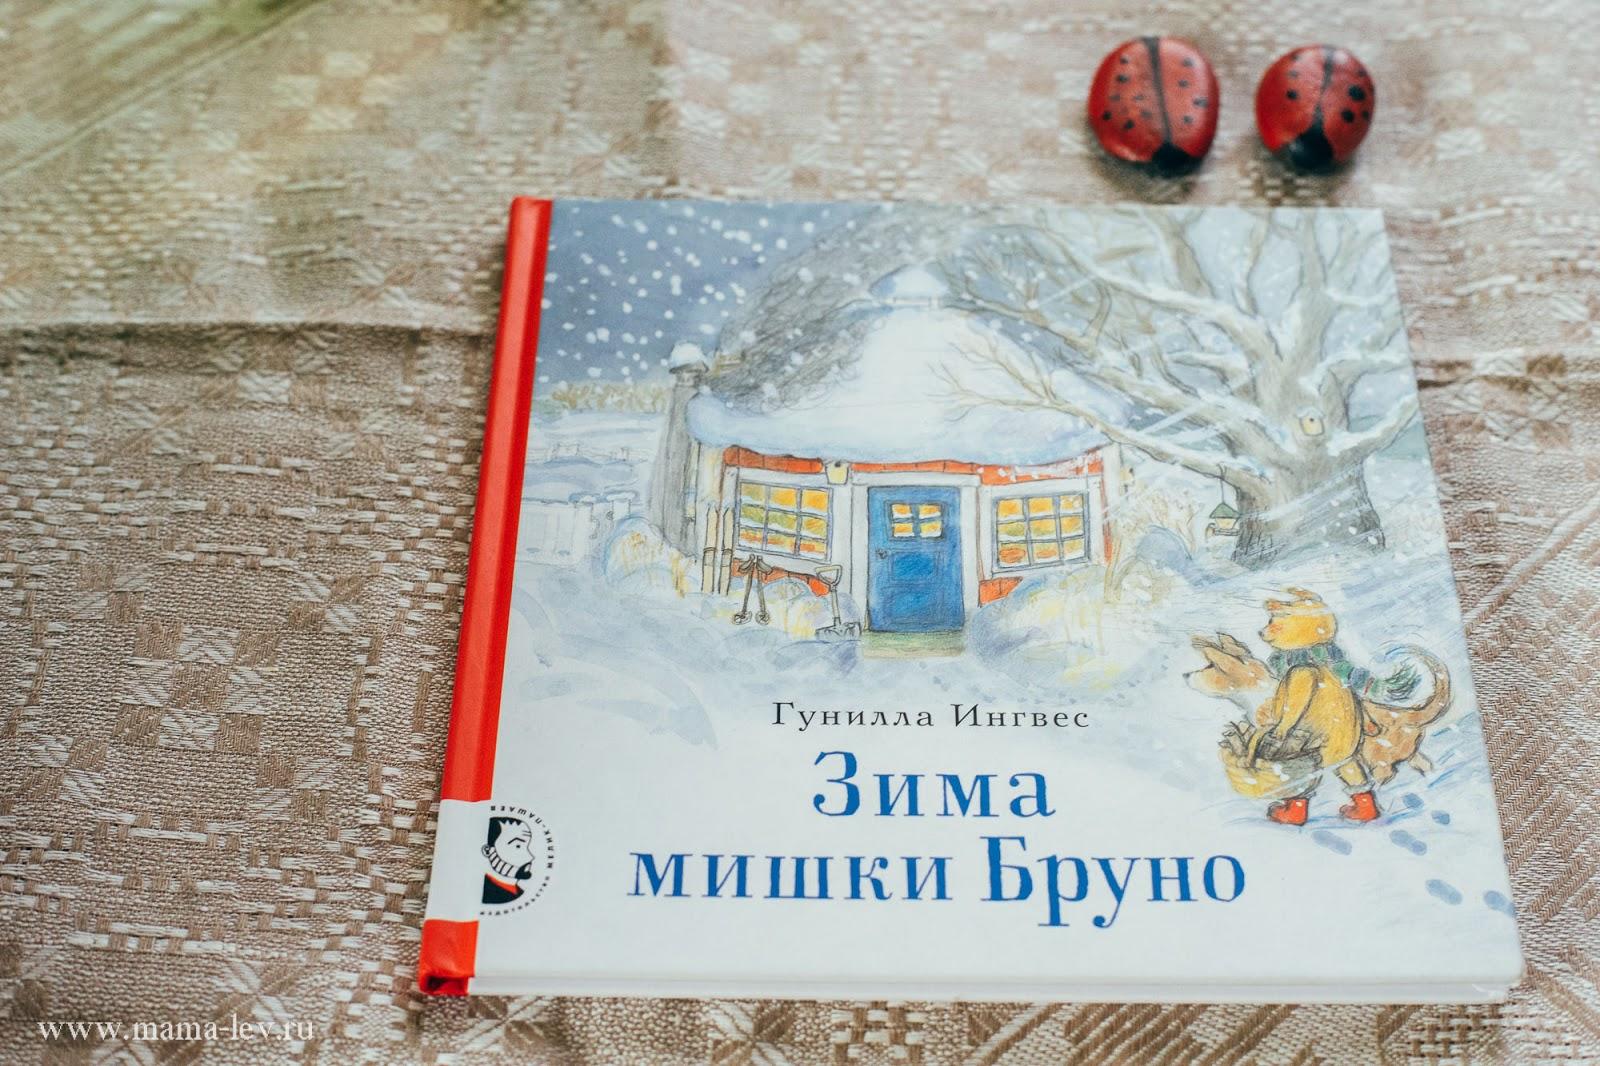 Чудесная лодка (Рассказы) - Снегирев Геннадий